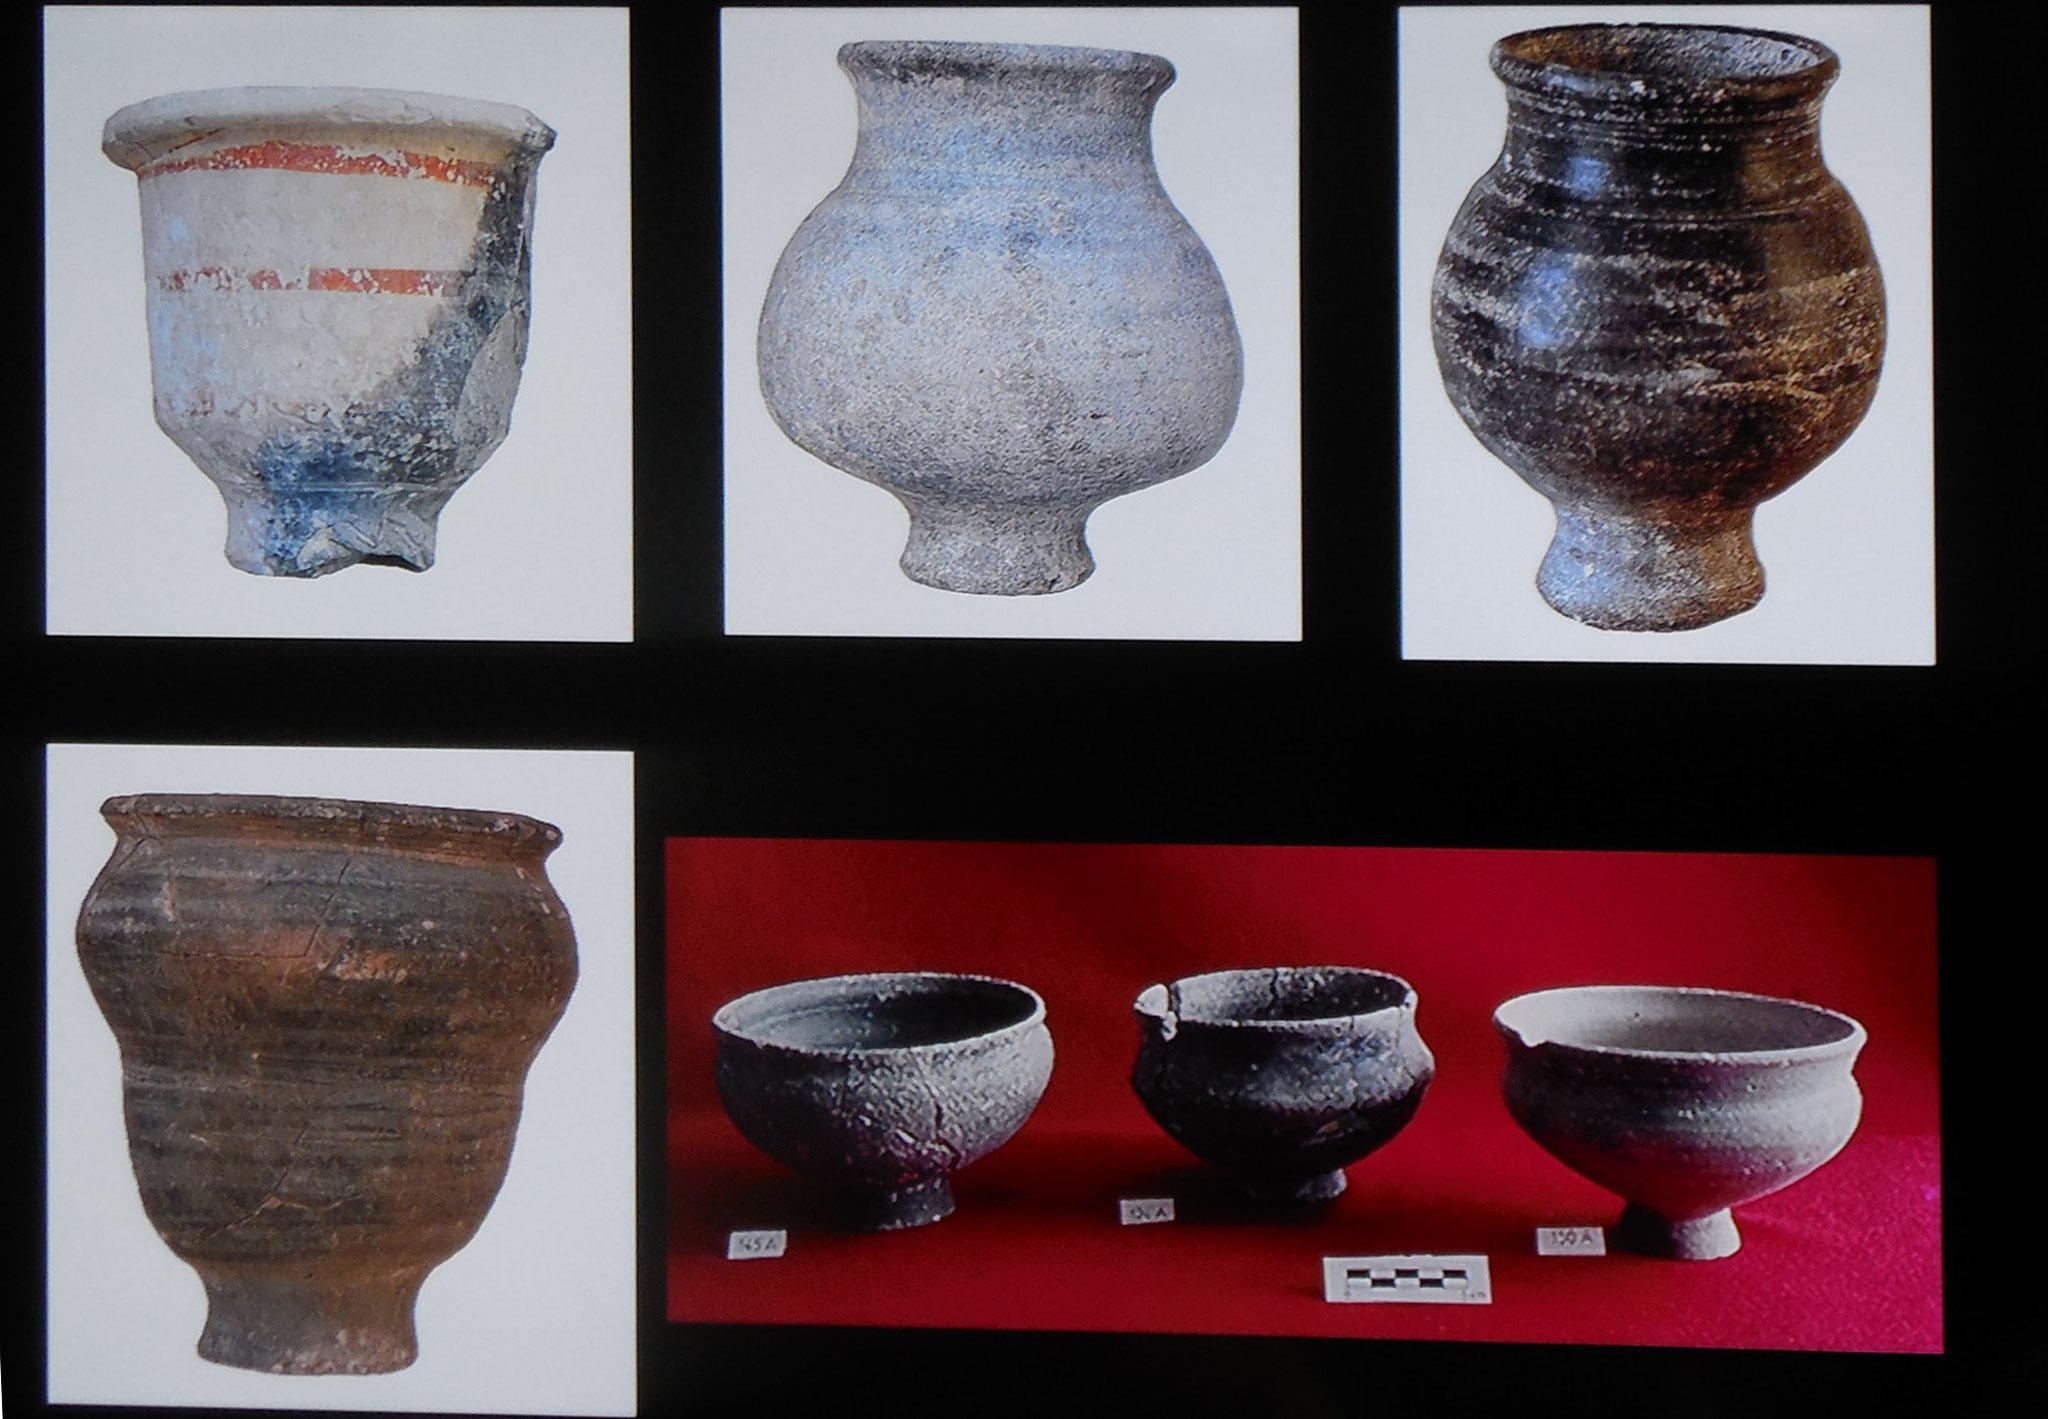 Céramiques de différentes époques